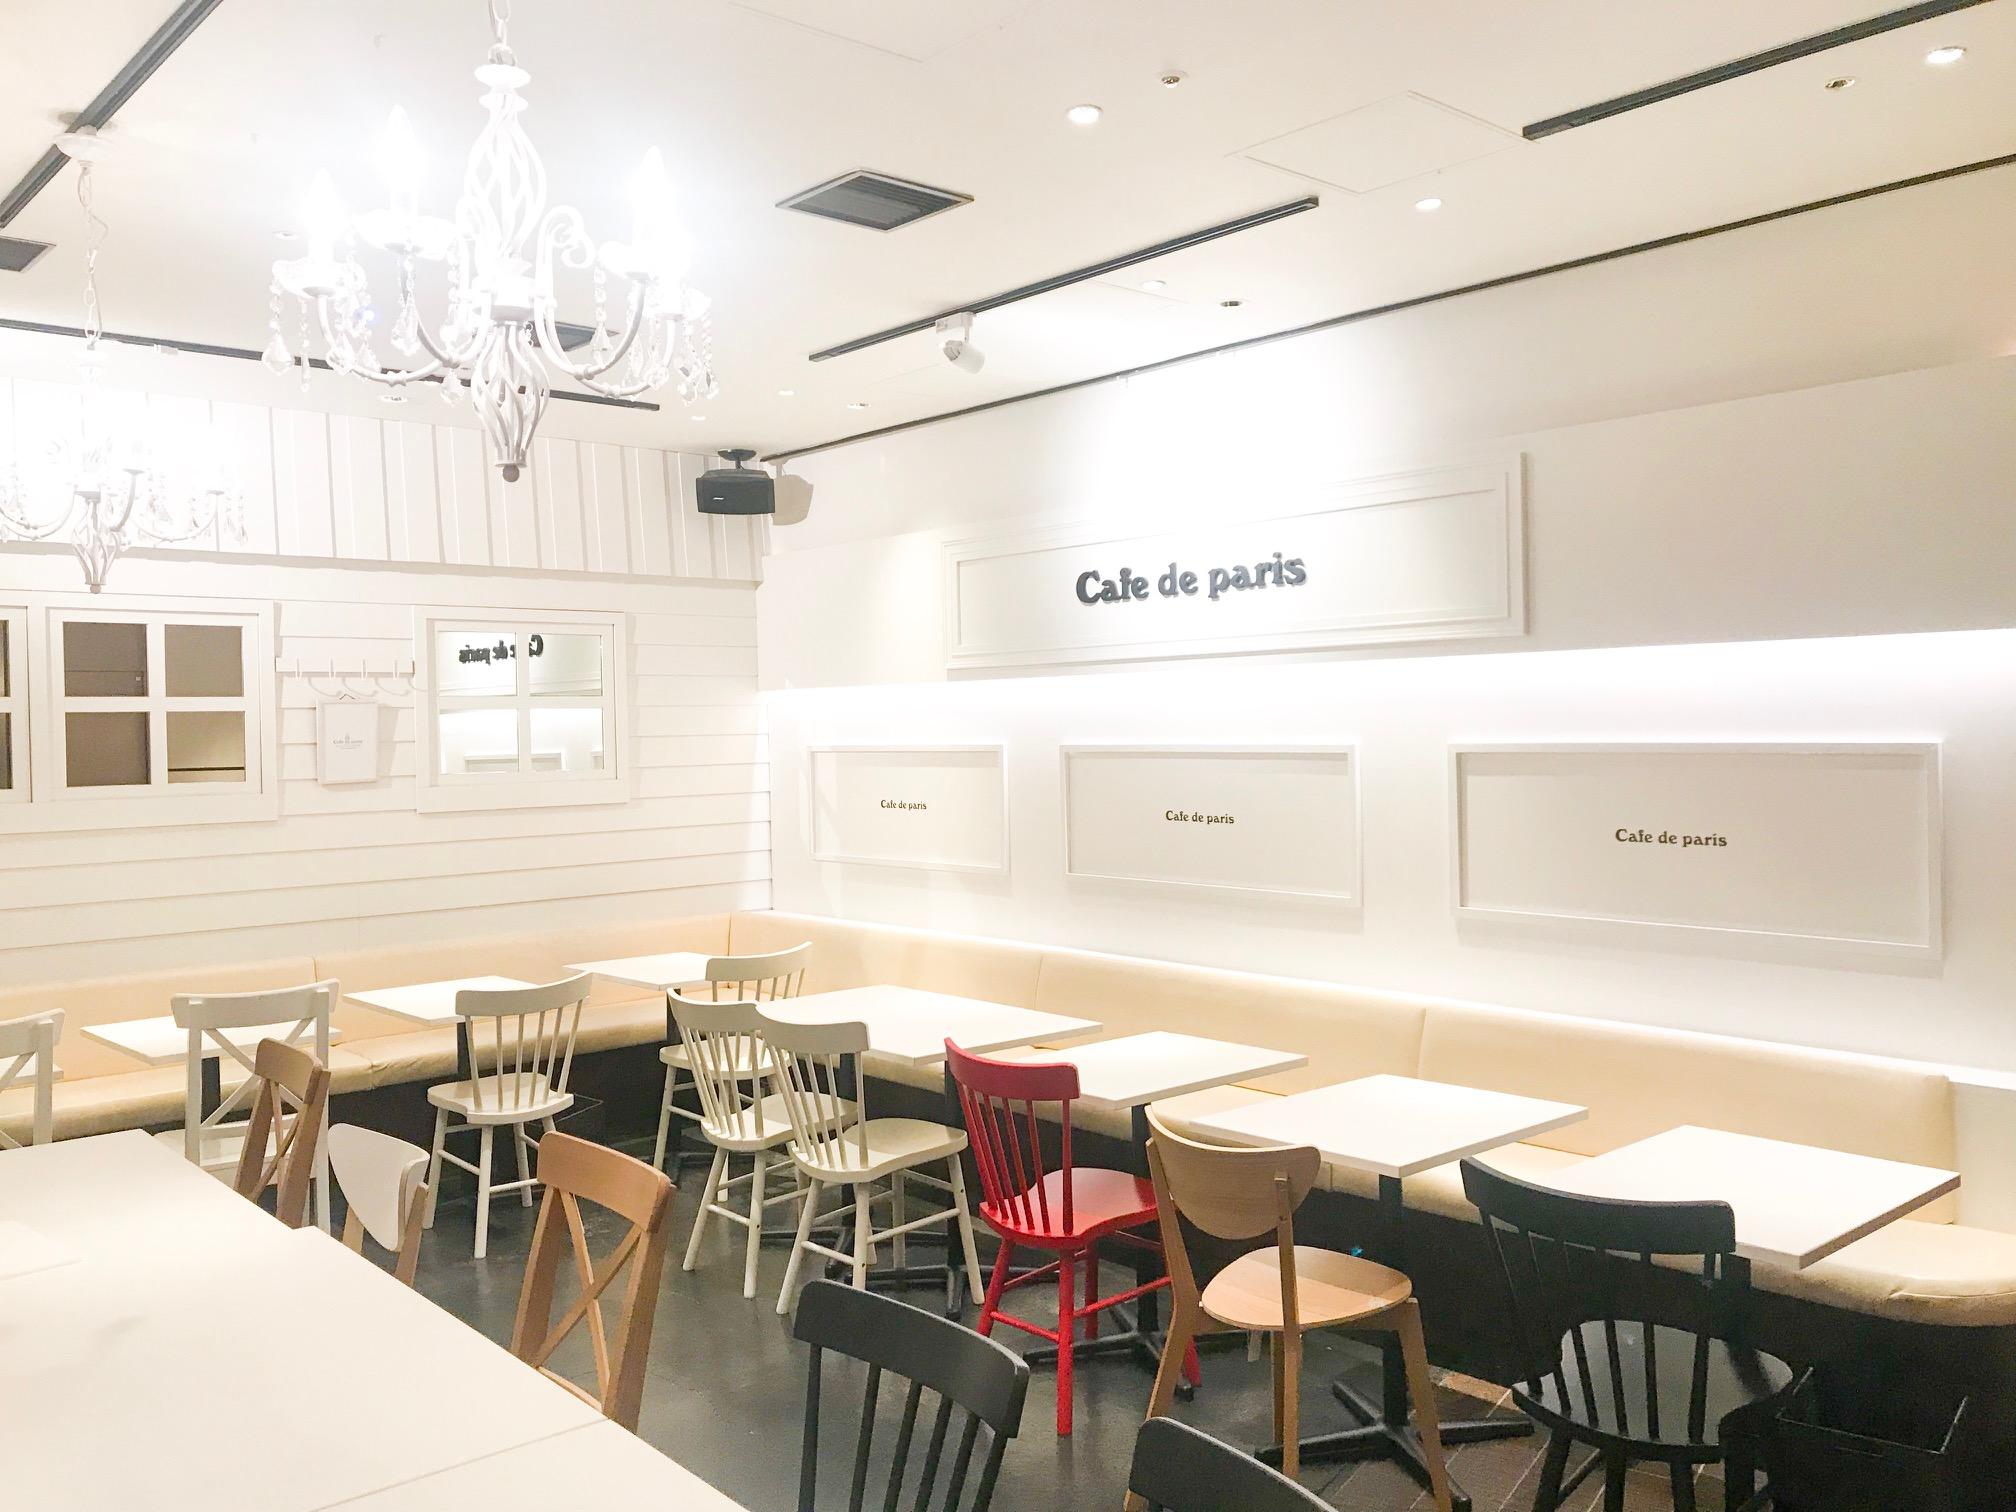 韓国の大人気カフェ『カフェ ド パリ』が「六本木ヒルズ」に期間限定OPEN中。限定「ストロベリーホワイトチョコボンボン」を見逃すな♡_1